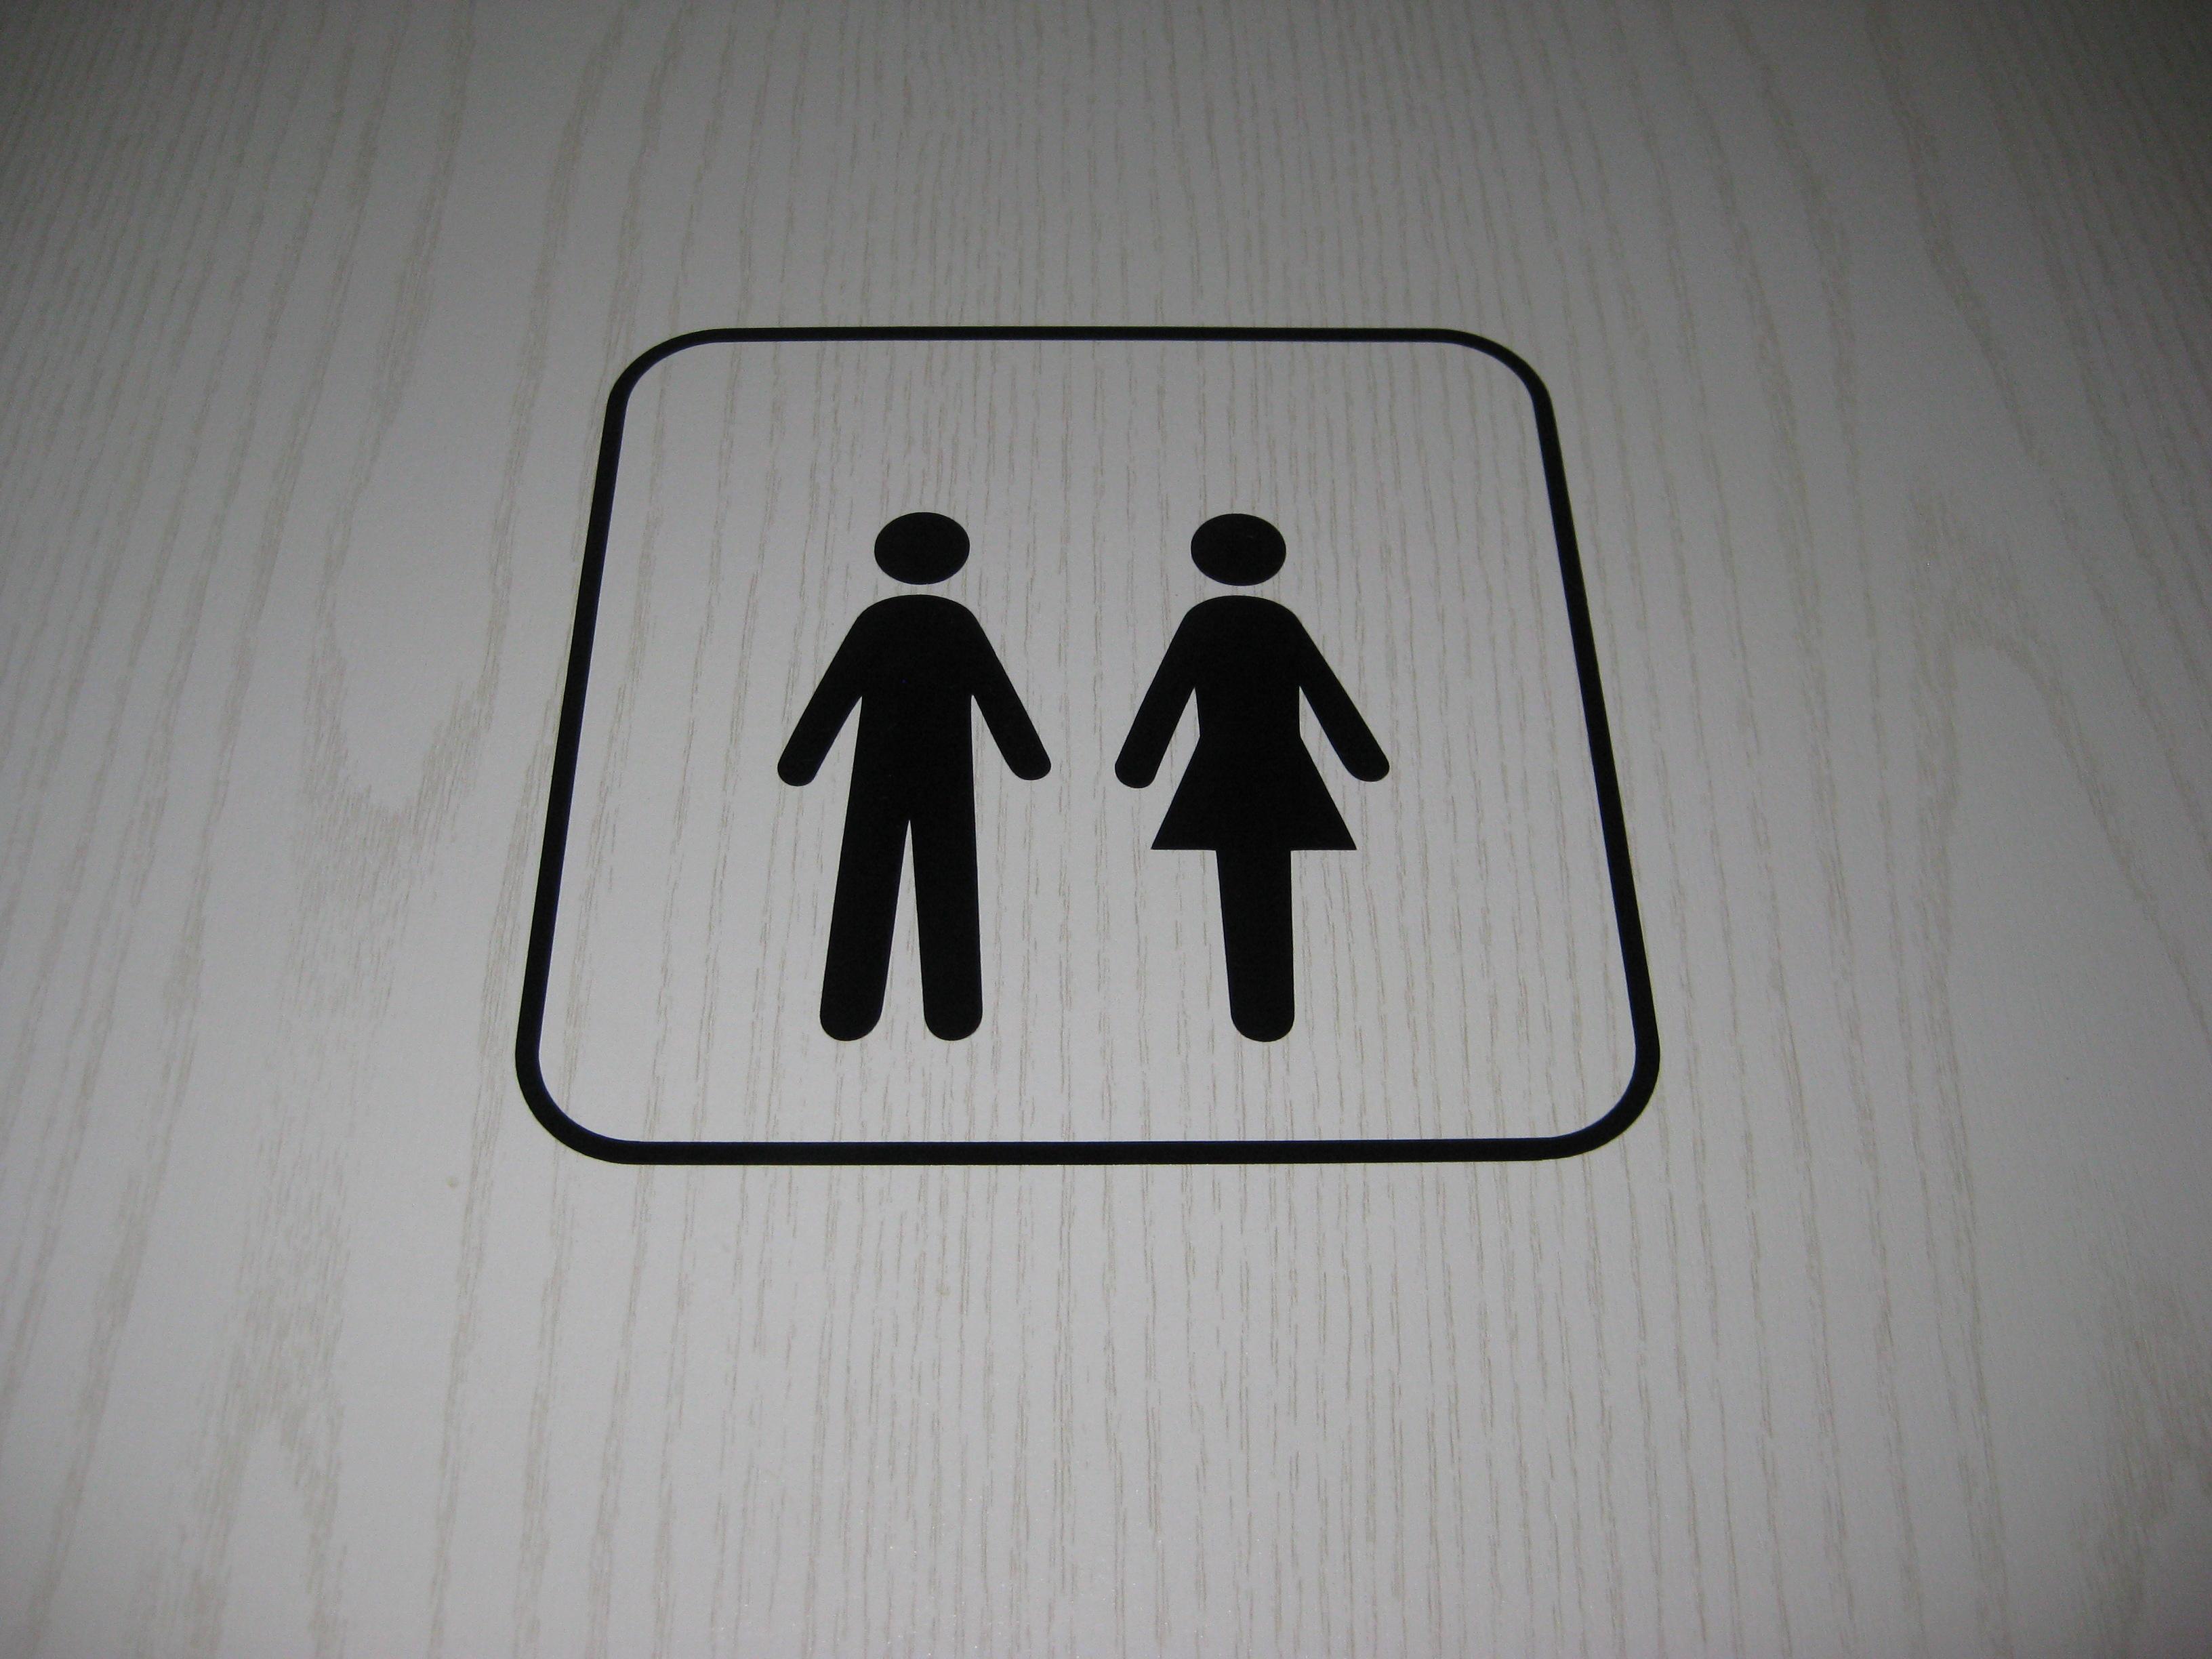 6.Die Toilette